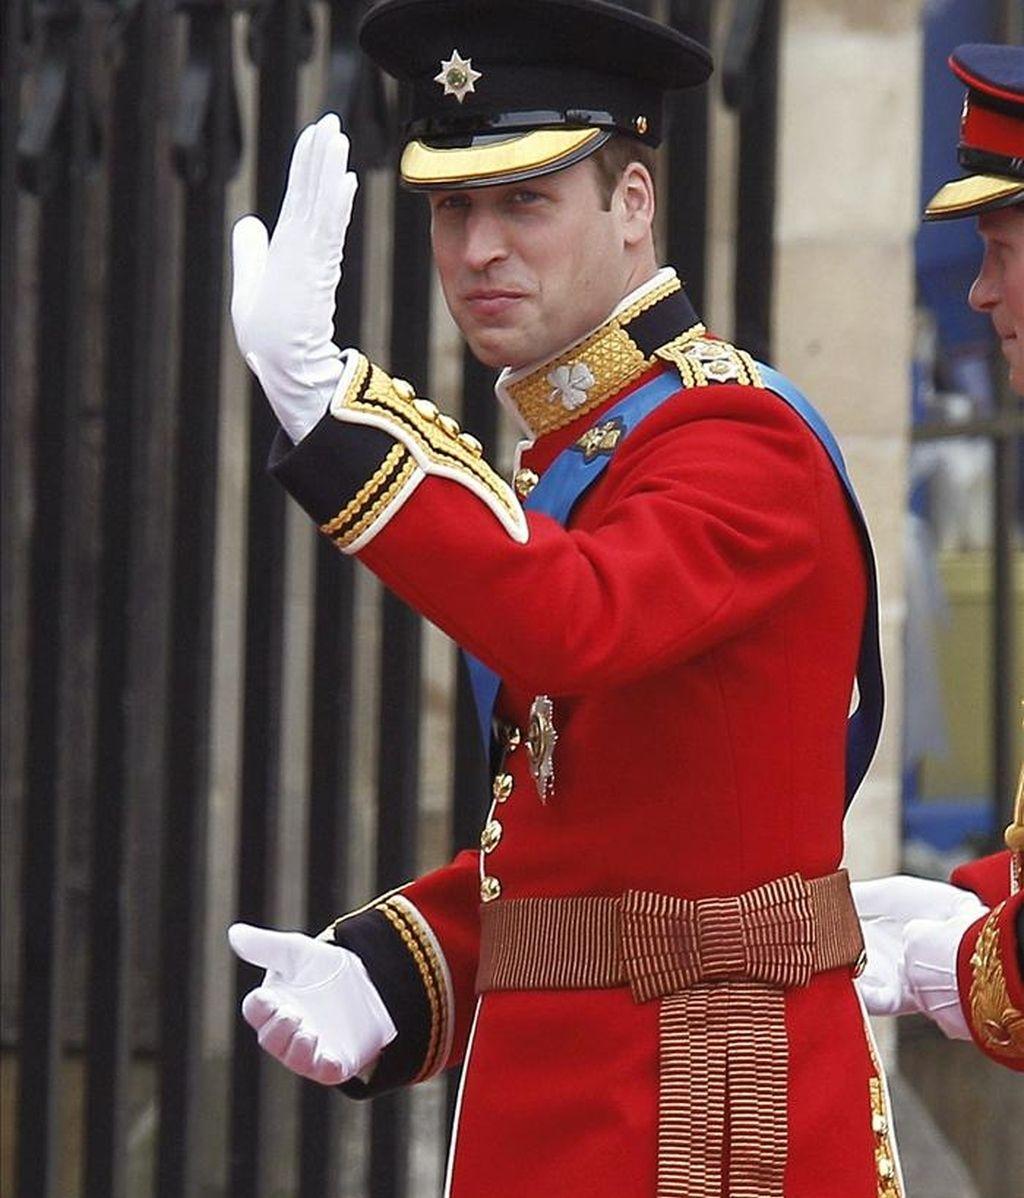 El príncipe Guillermo de Inglaterra saluda a su llegada a la Abadía de Westminster, en Londres, en donde hoy contraerá matrimonio con su prometida, Kate Middleton. EFE